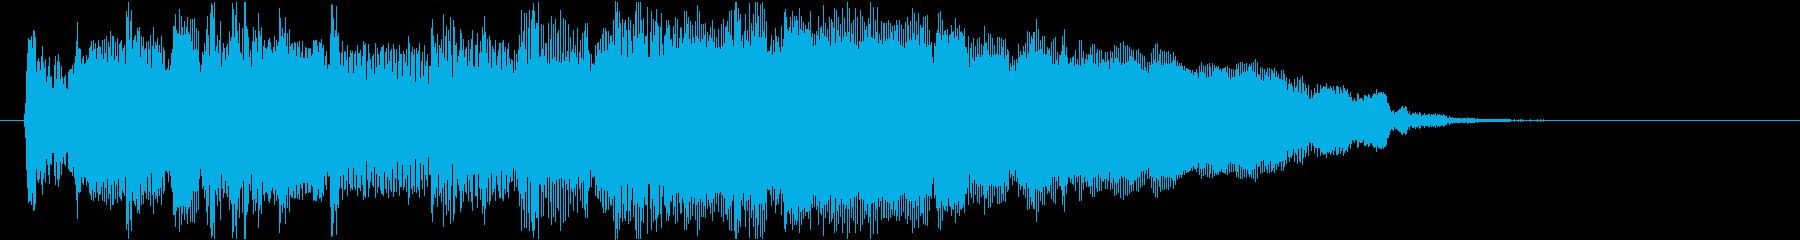 ラジオのおしゃれなオープニング風ジングルの再生済みの波形